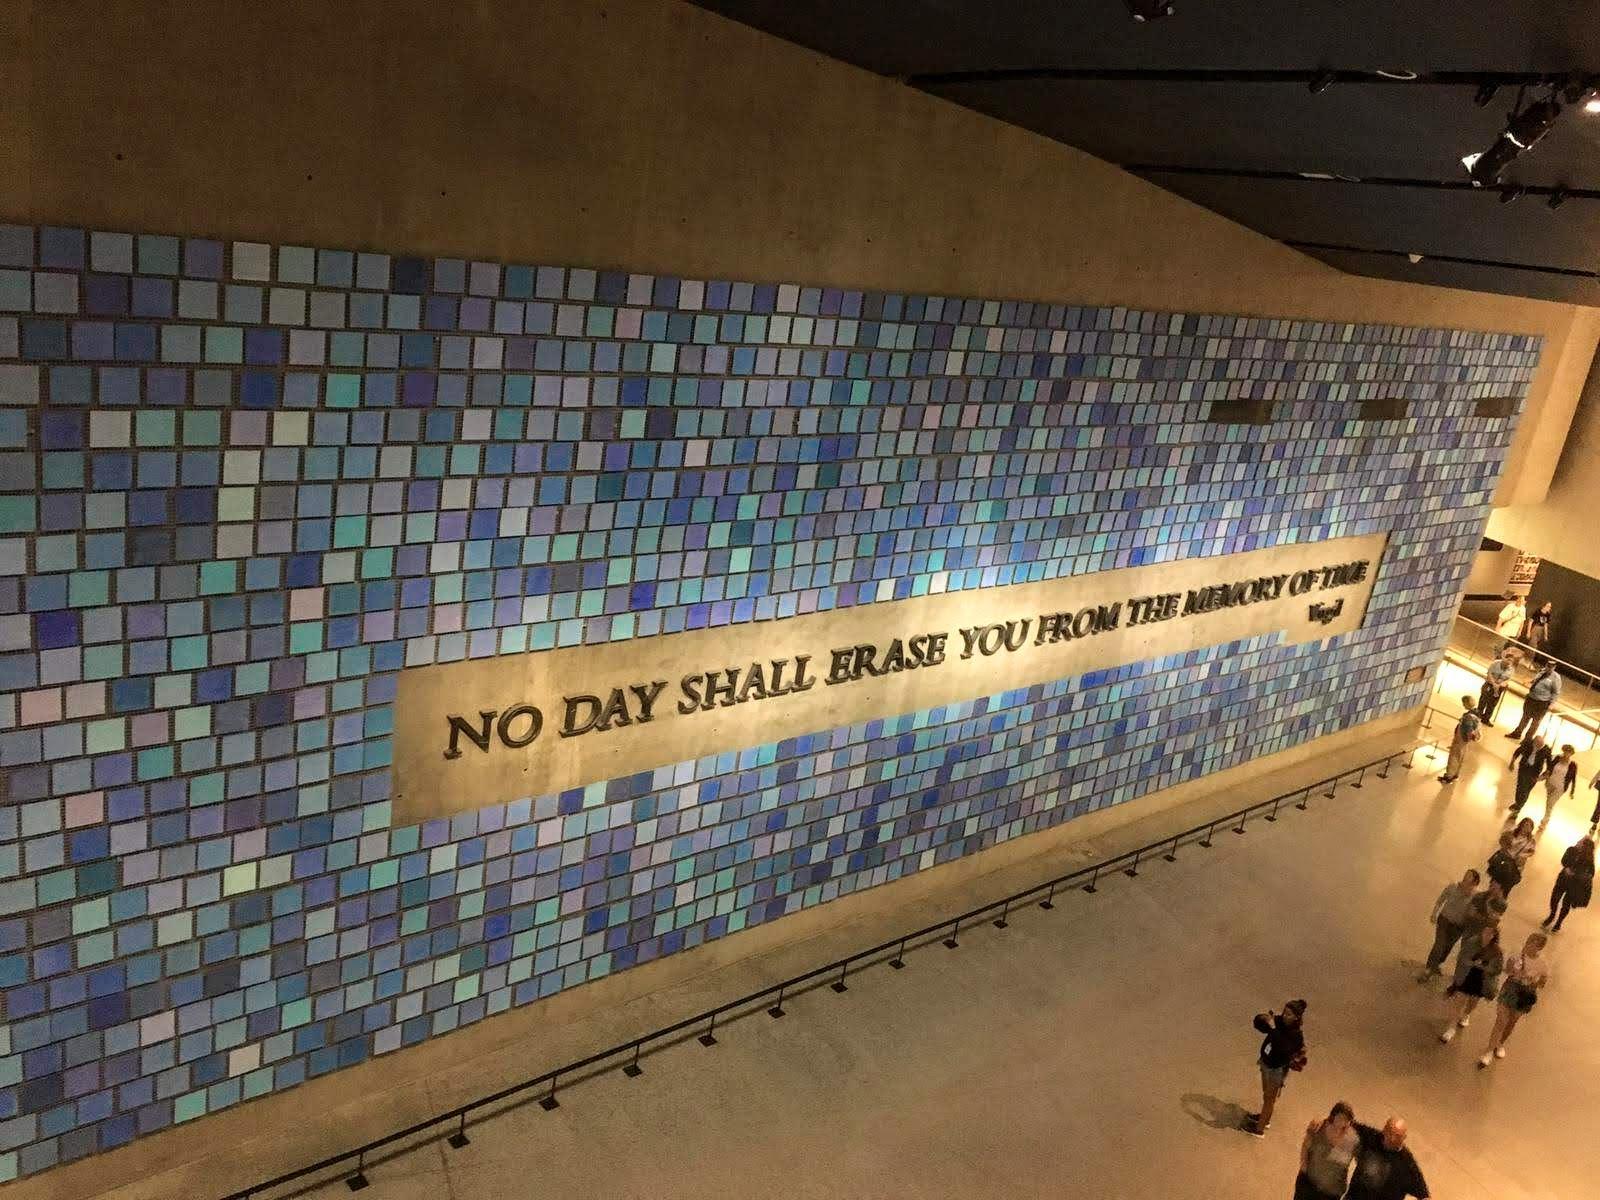 art-installation-blue-sky-9-11-museum.jpg